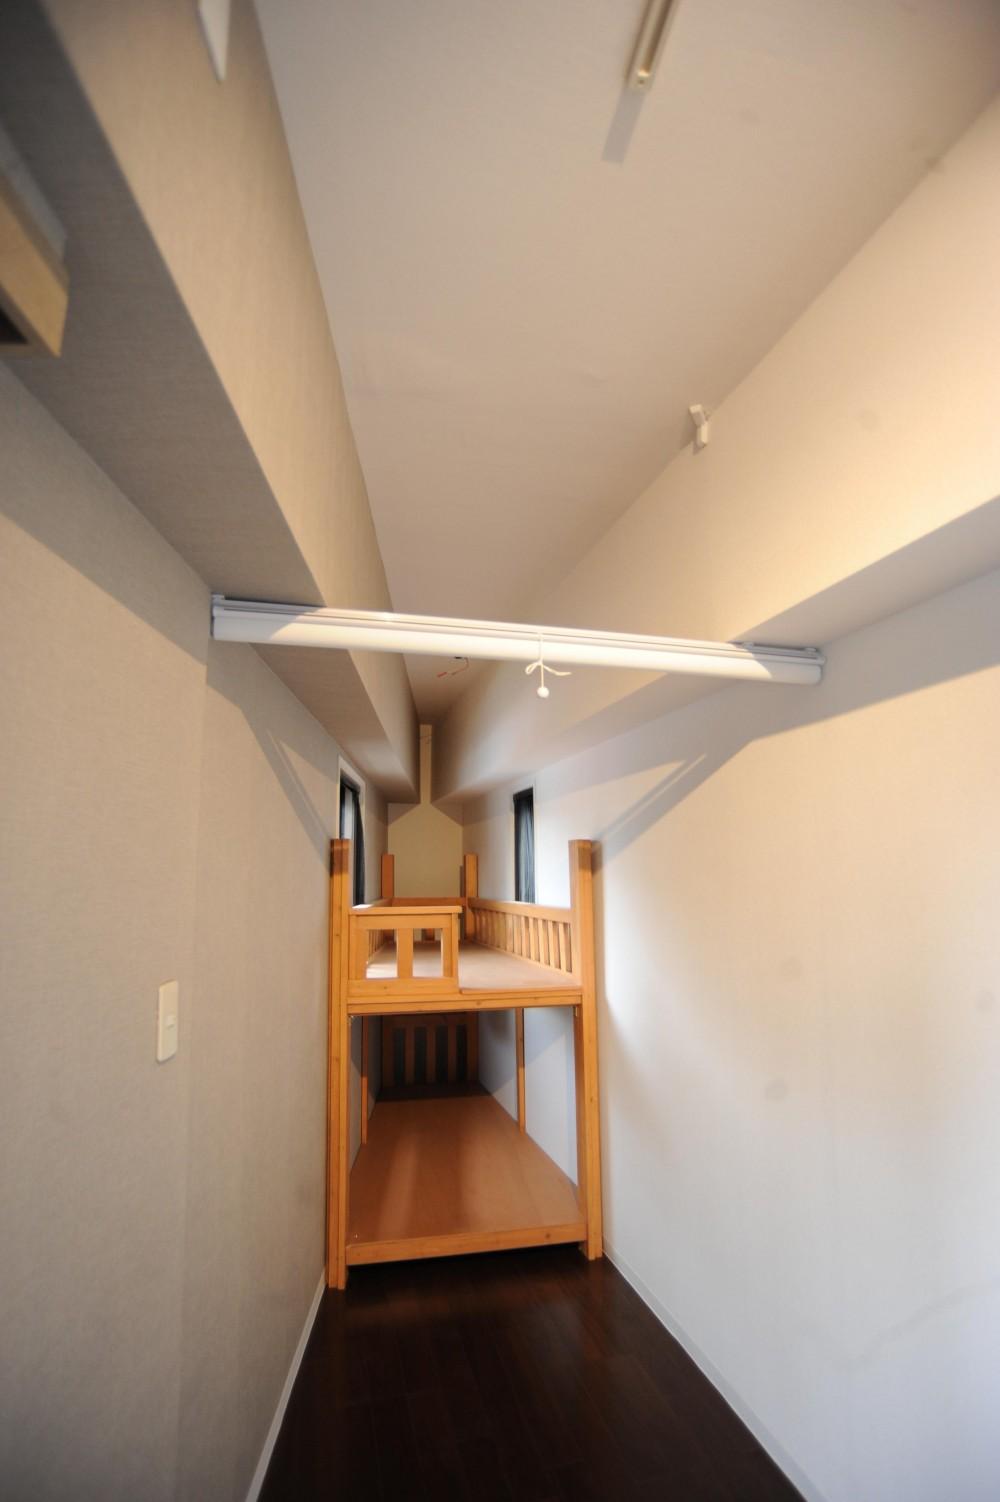 オリジナル家具がポイントのナチュラルリノベーション(渋谷区・マンション) (オリジナル2段ベッド)